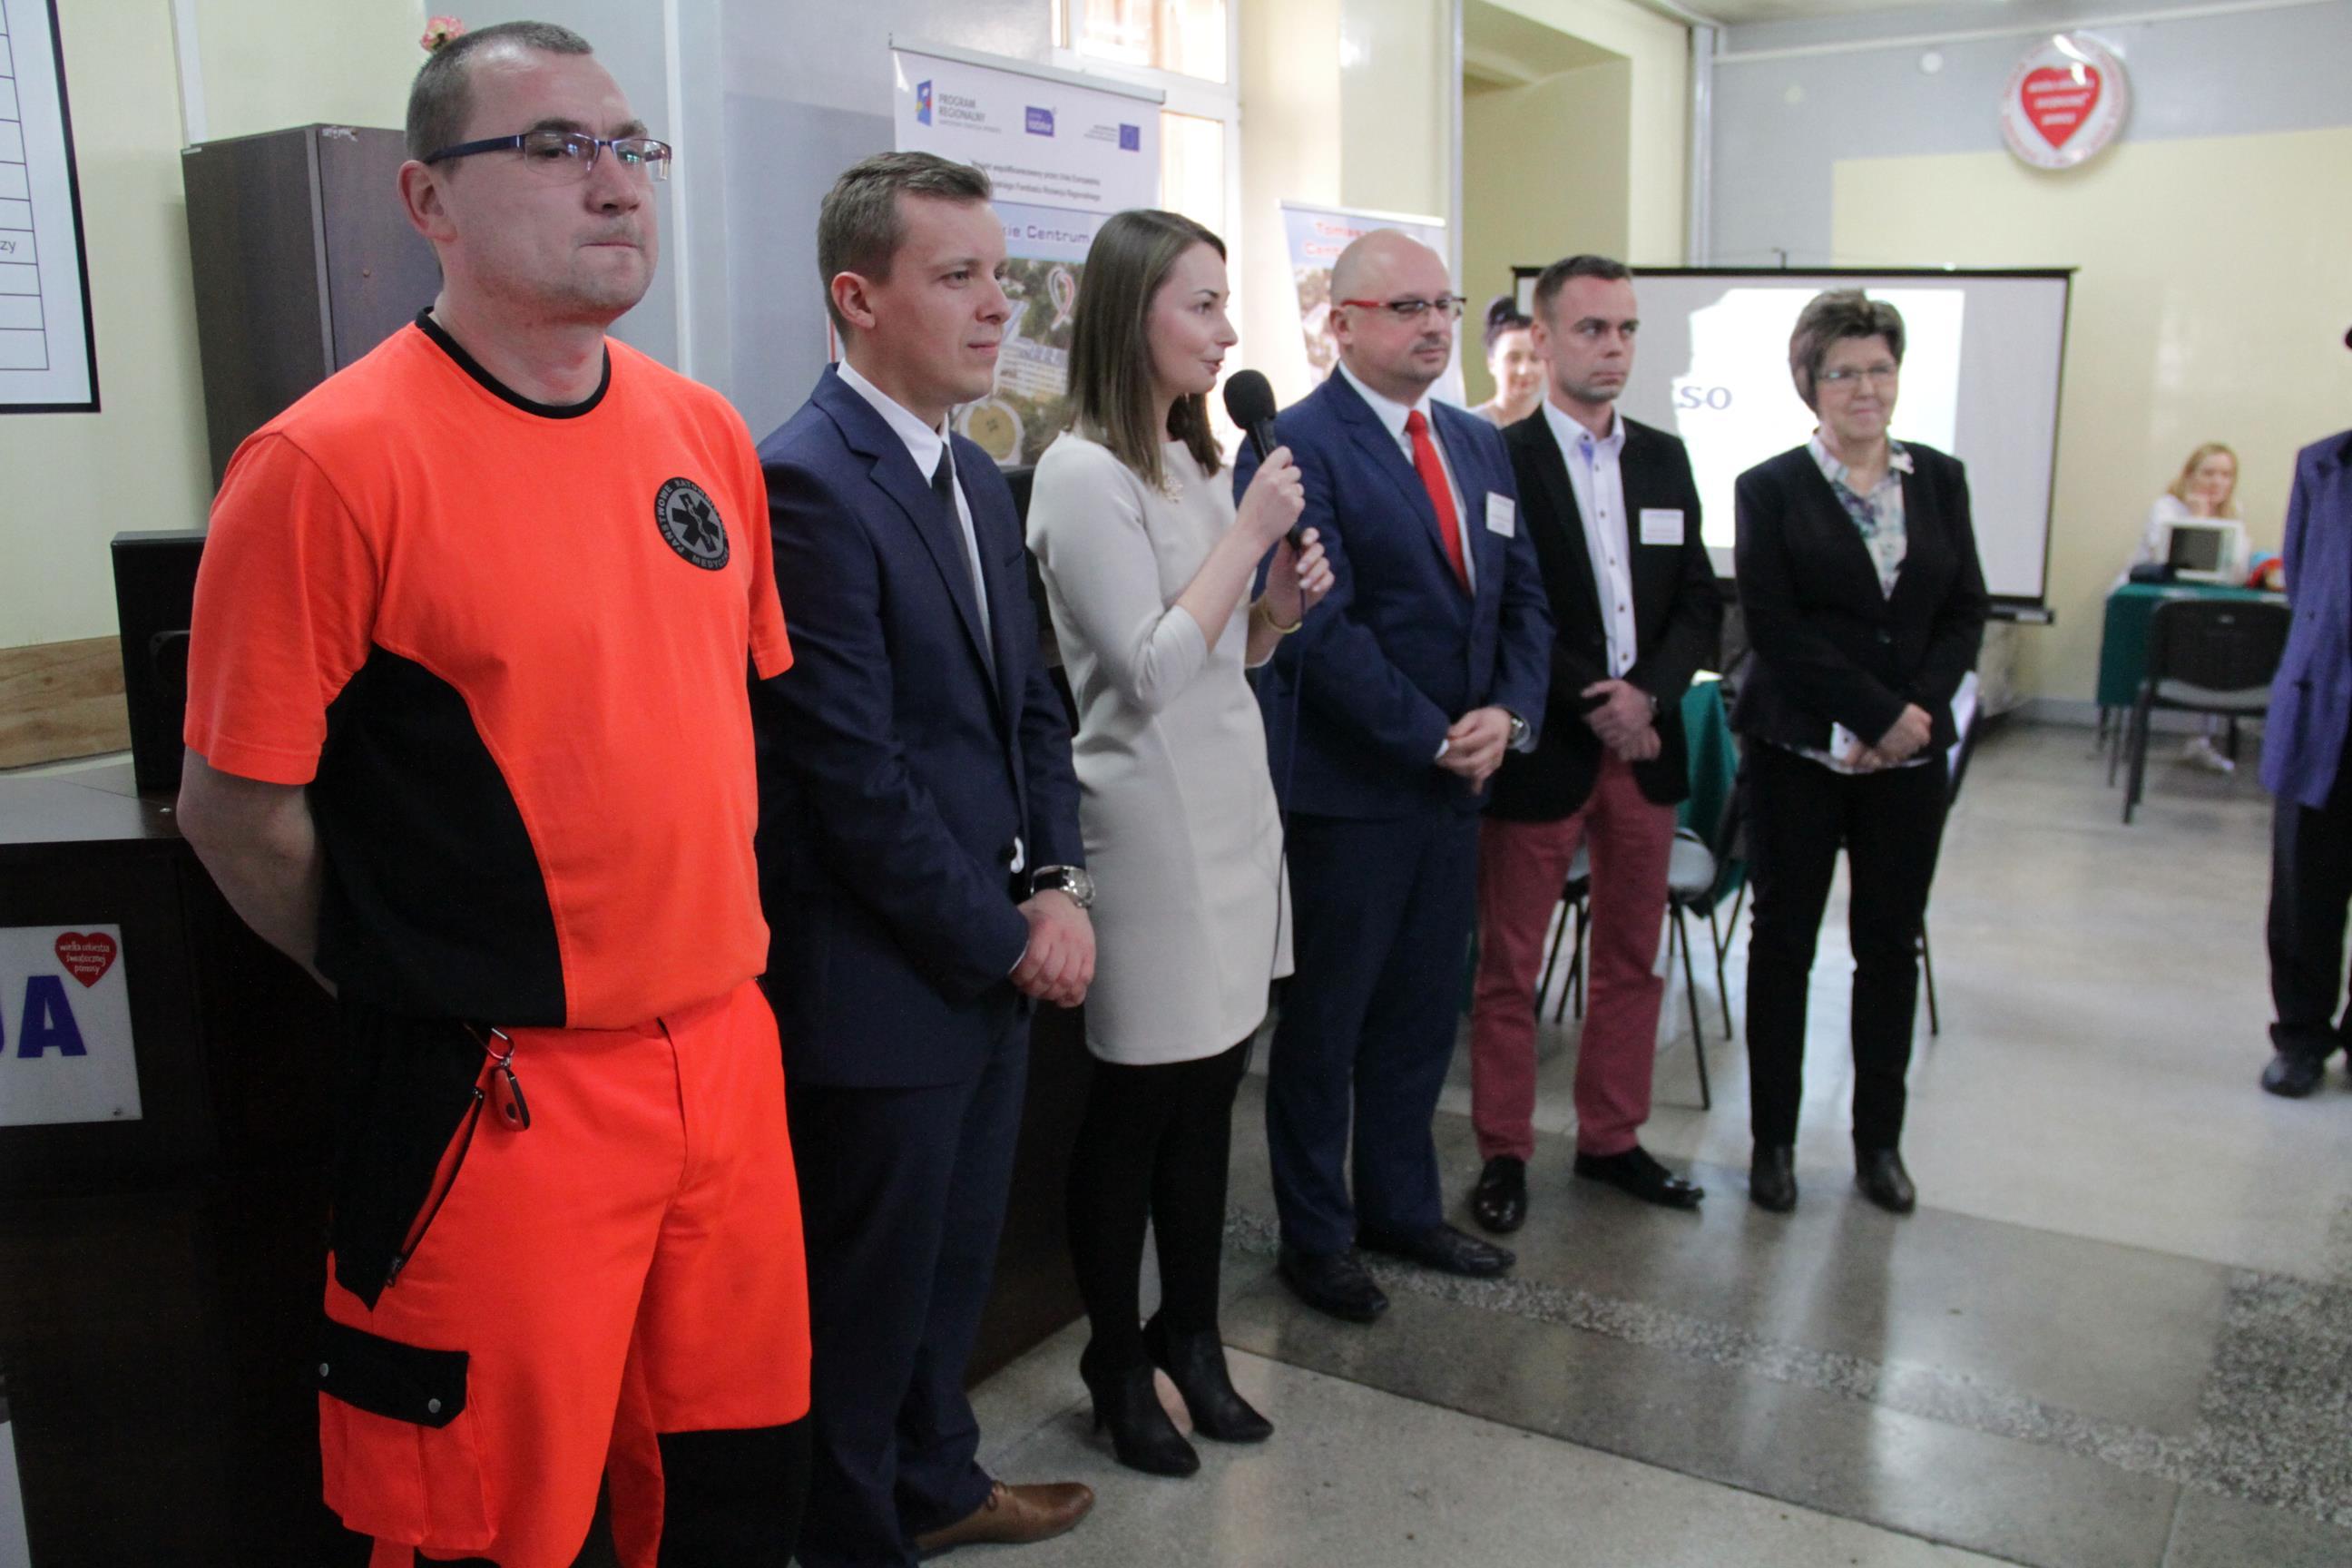 Na zdjęciu wiceprezydent Zofia Szymańska, prezes TCZ Konrad Łukaszewski oraz pozostali uczestnicy obchodów Dnia Chorego w TCZ